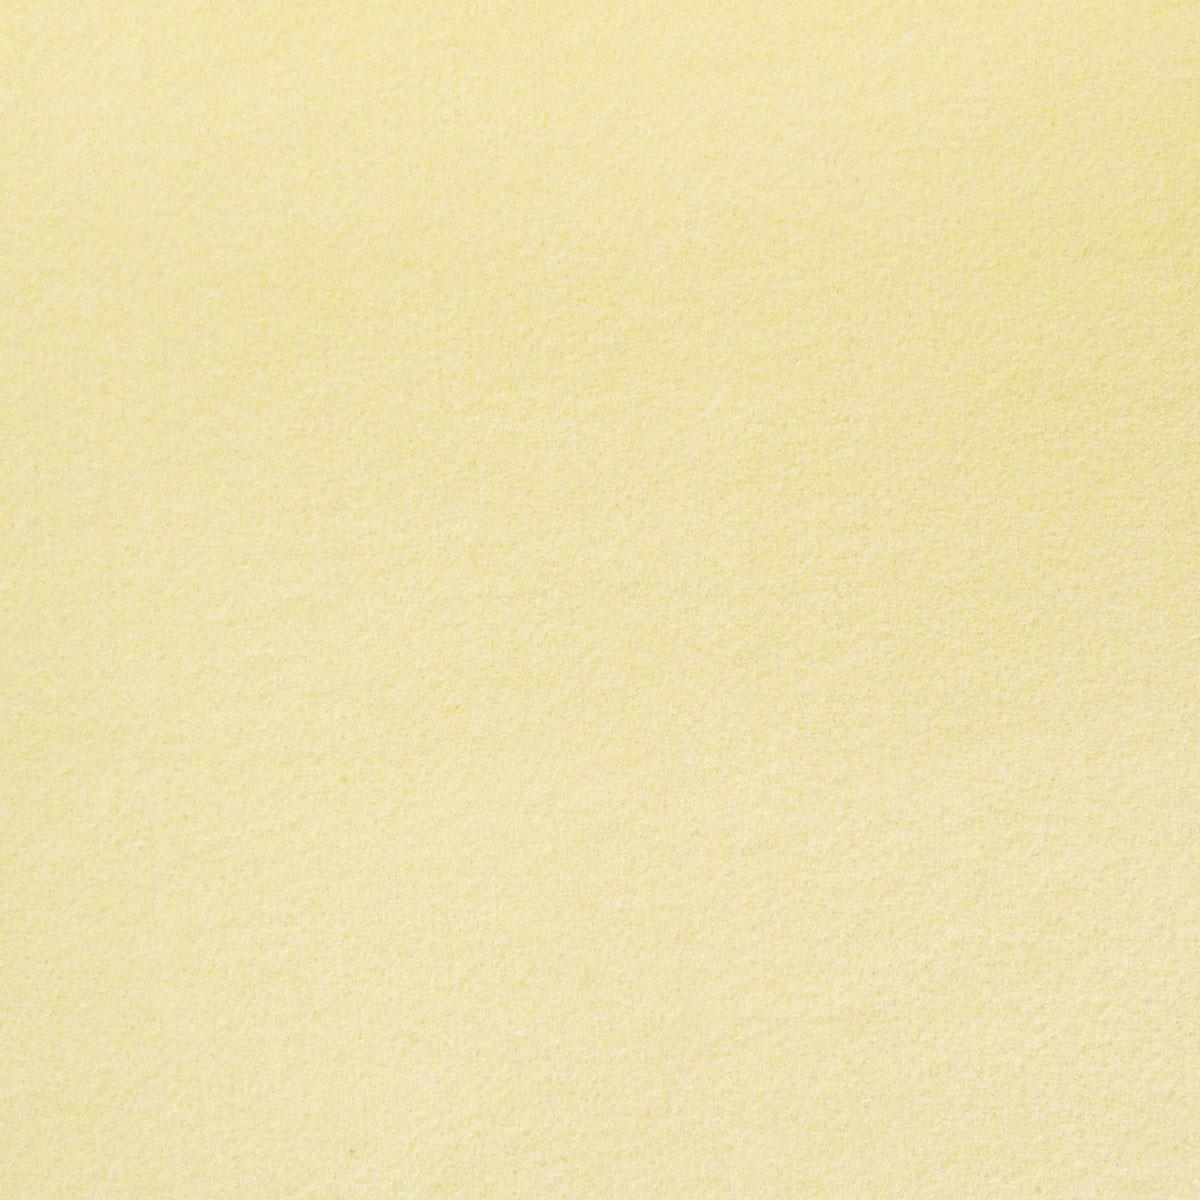 Kreativstoff Bastelfilz einfarbig beige 45cm Breite 4mm Stärke